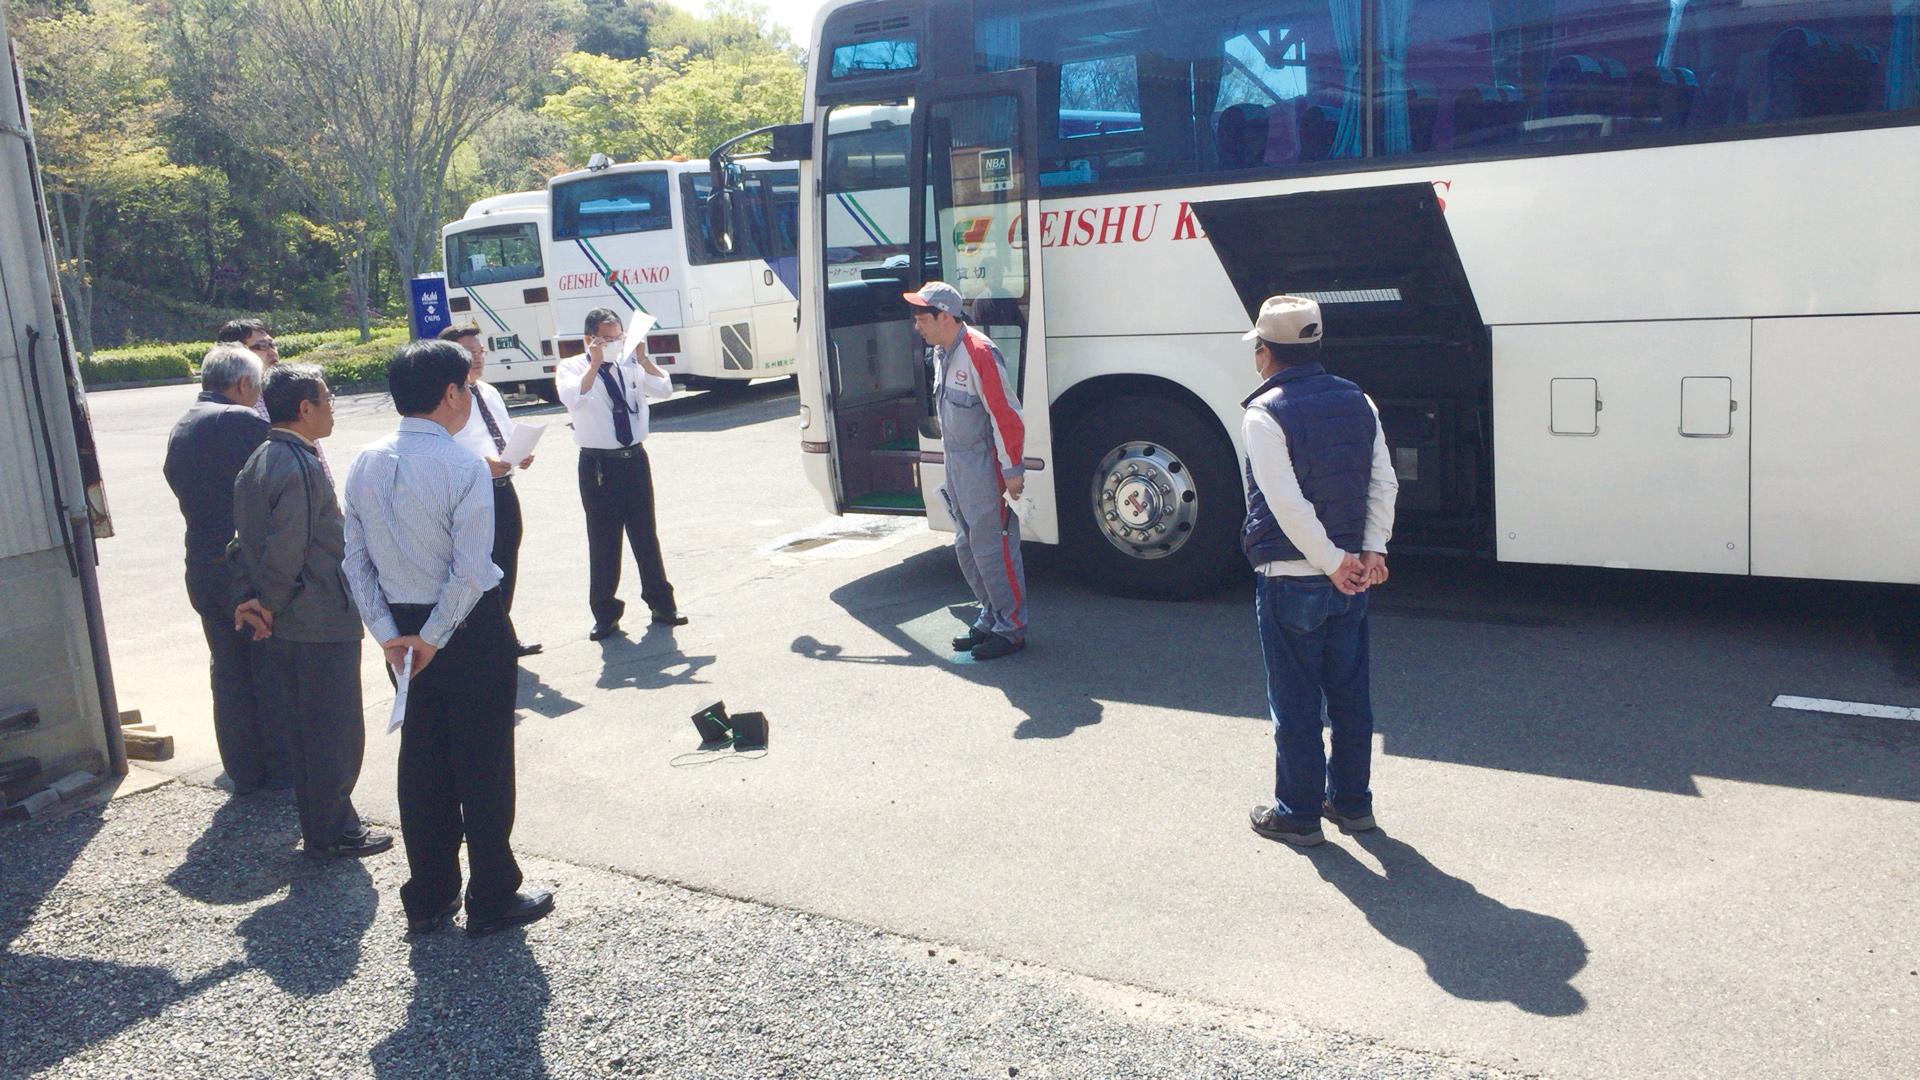 会社 観光 バス